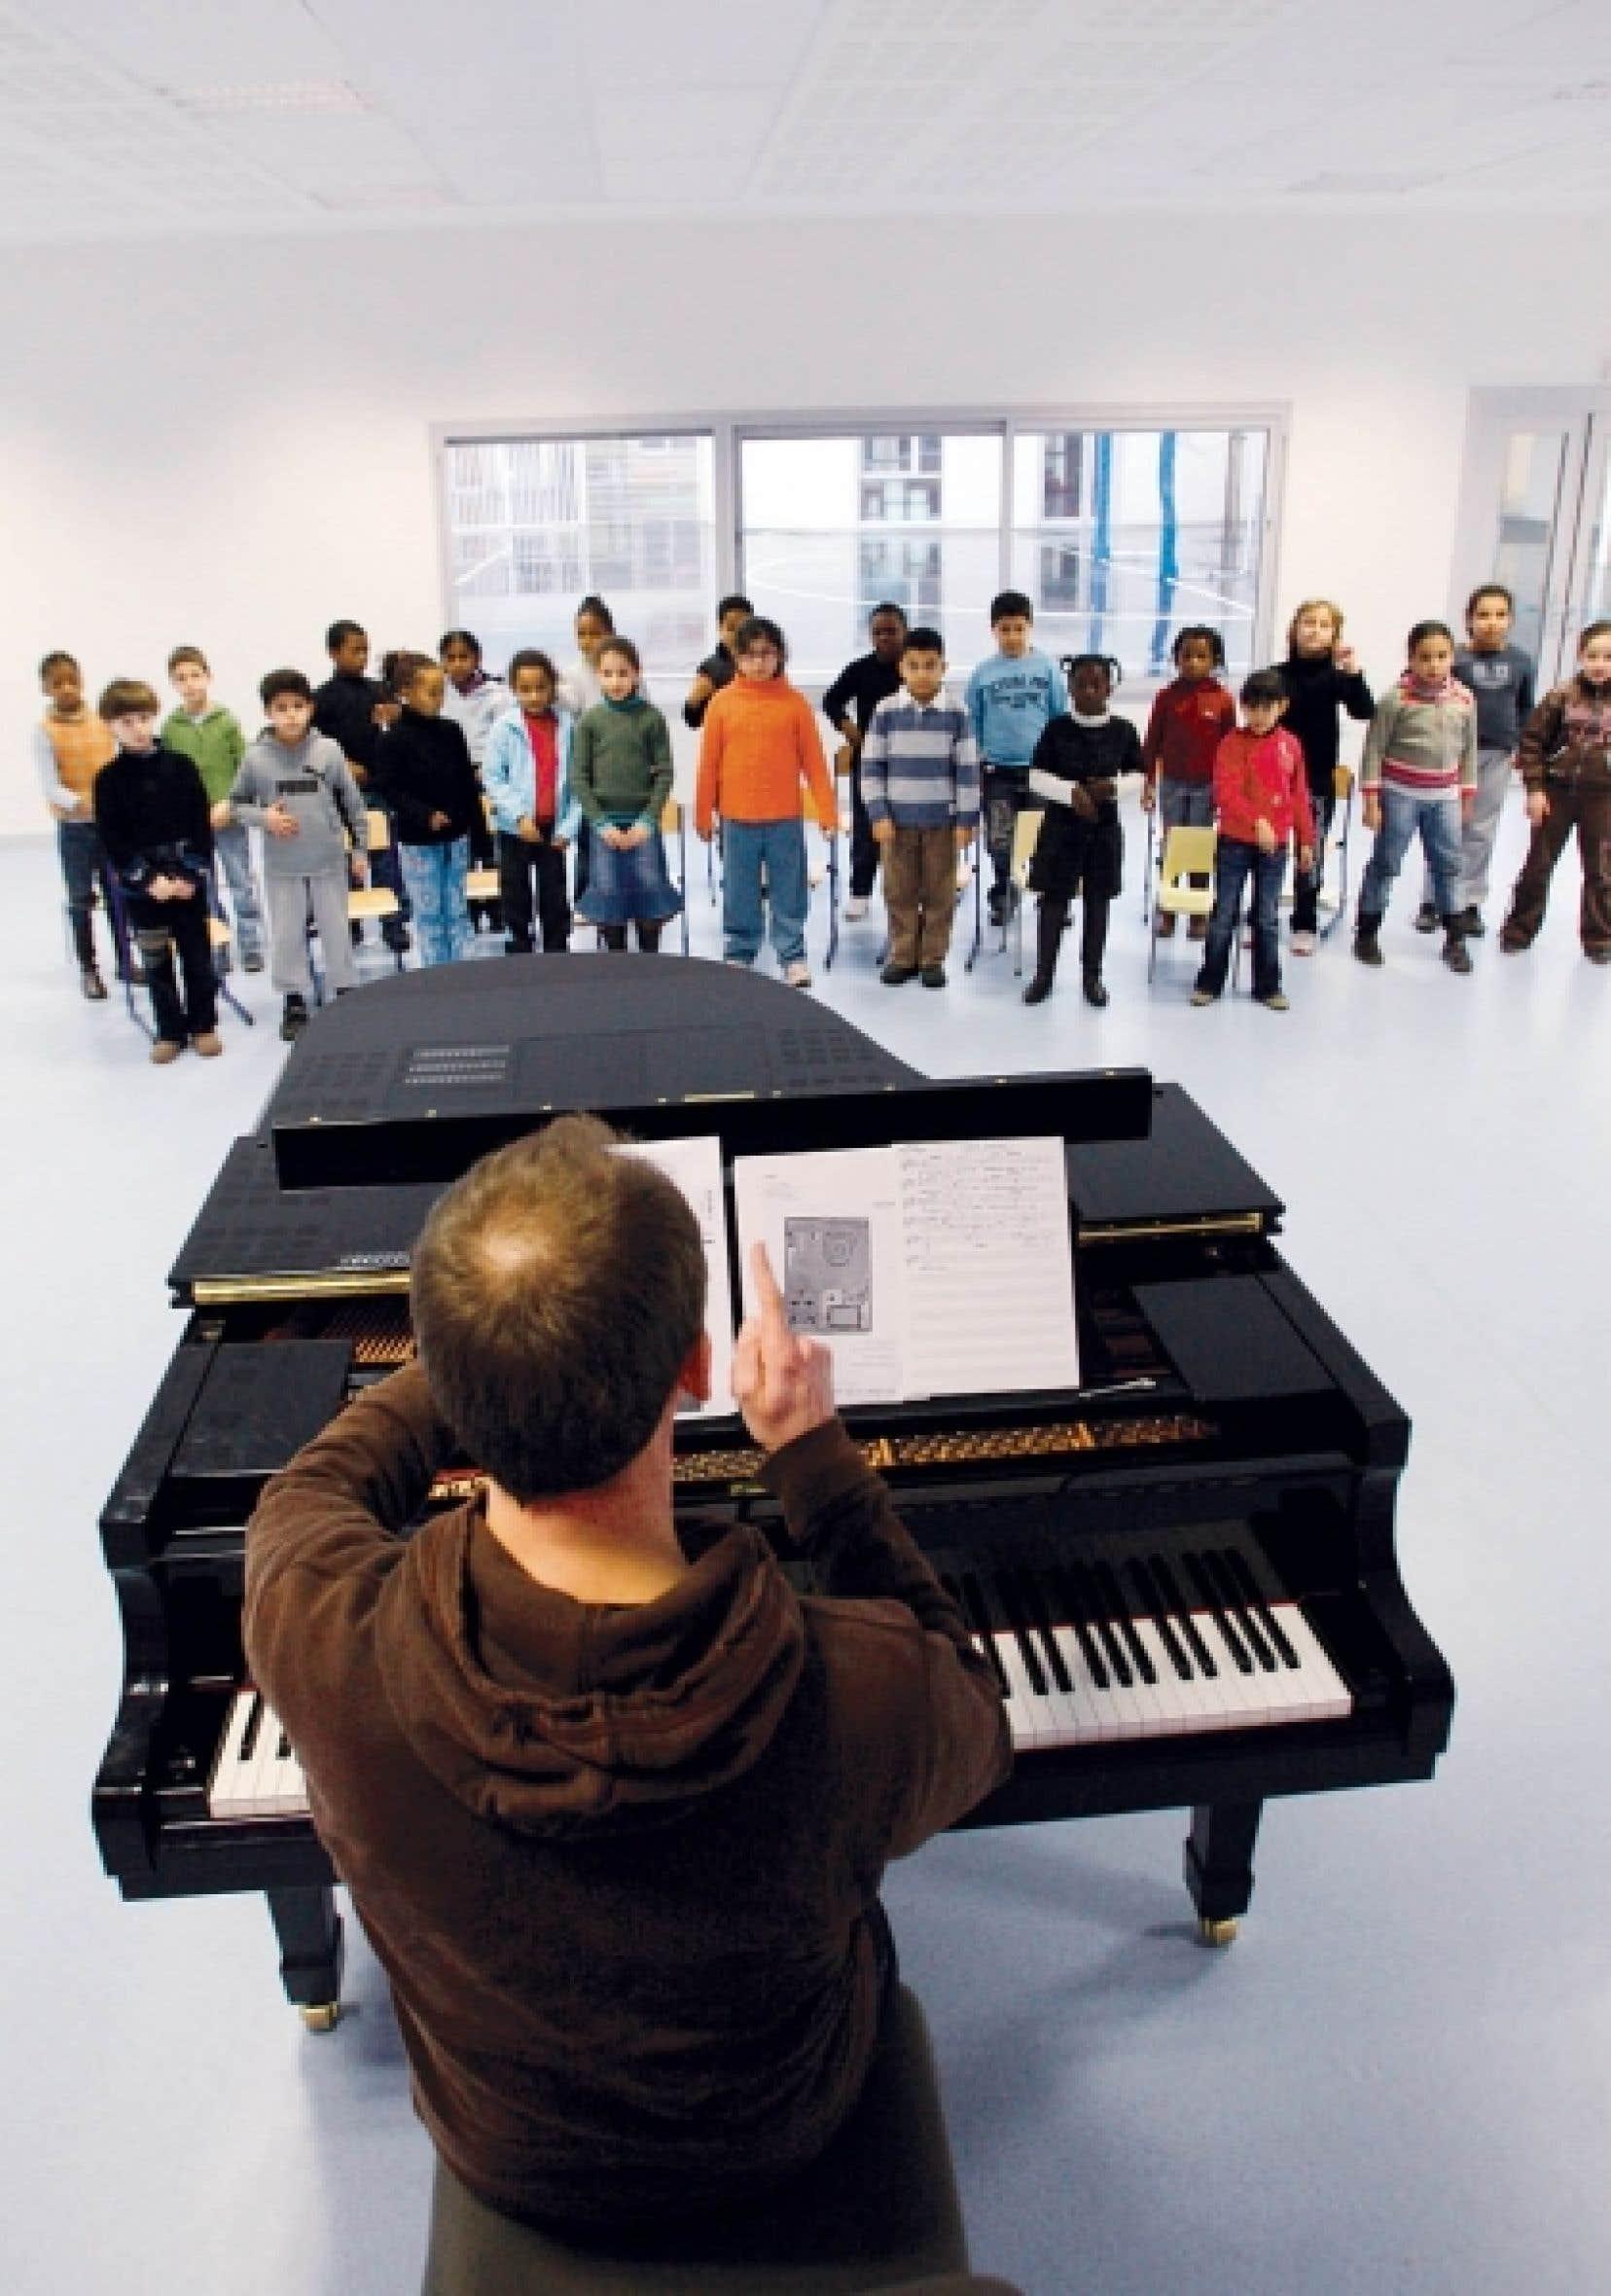 La patience et la passion sont des éléments essentiels quand on enseigne la musique, dit Hélène Laiberté, présidente de la Fédération des associations de musiciens éducateurs du Québec. «J'ajouterais de plus qu'enseigner la musique est un acte de création en soi.»<br />